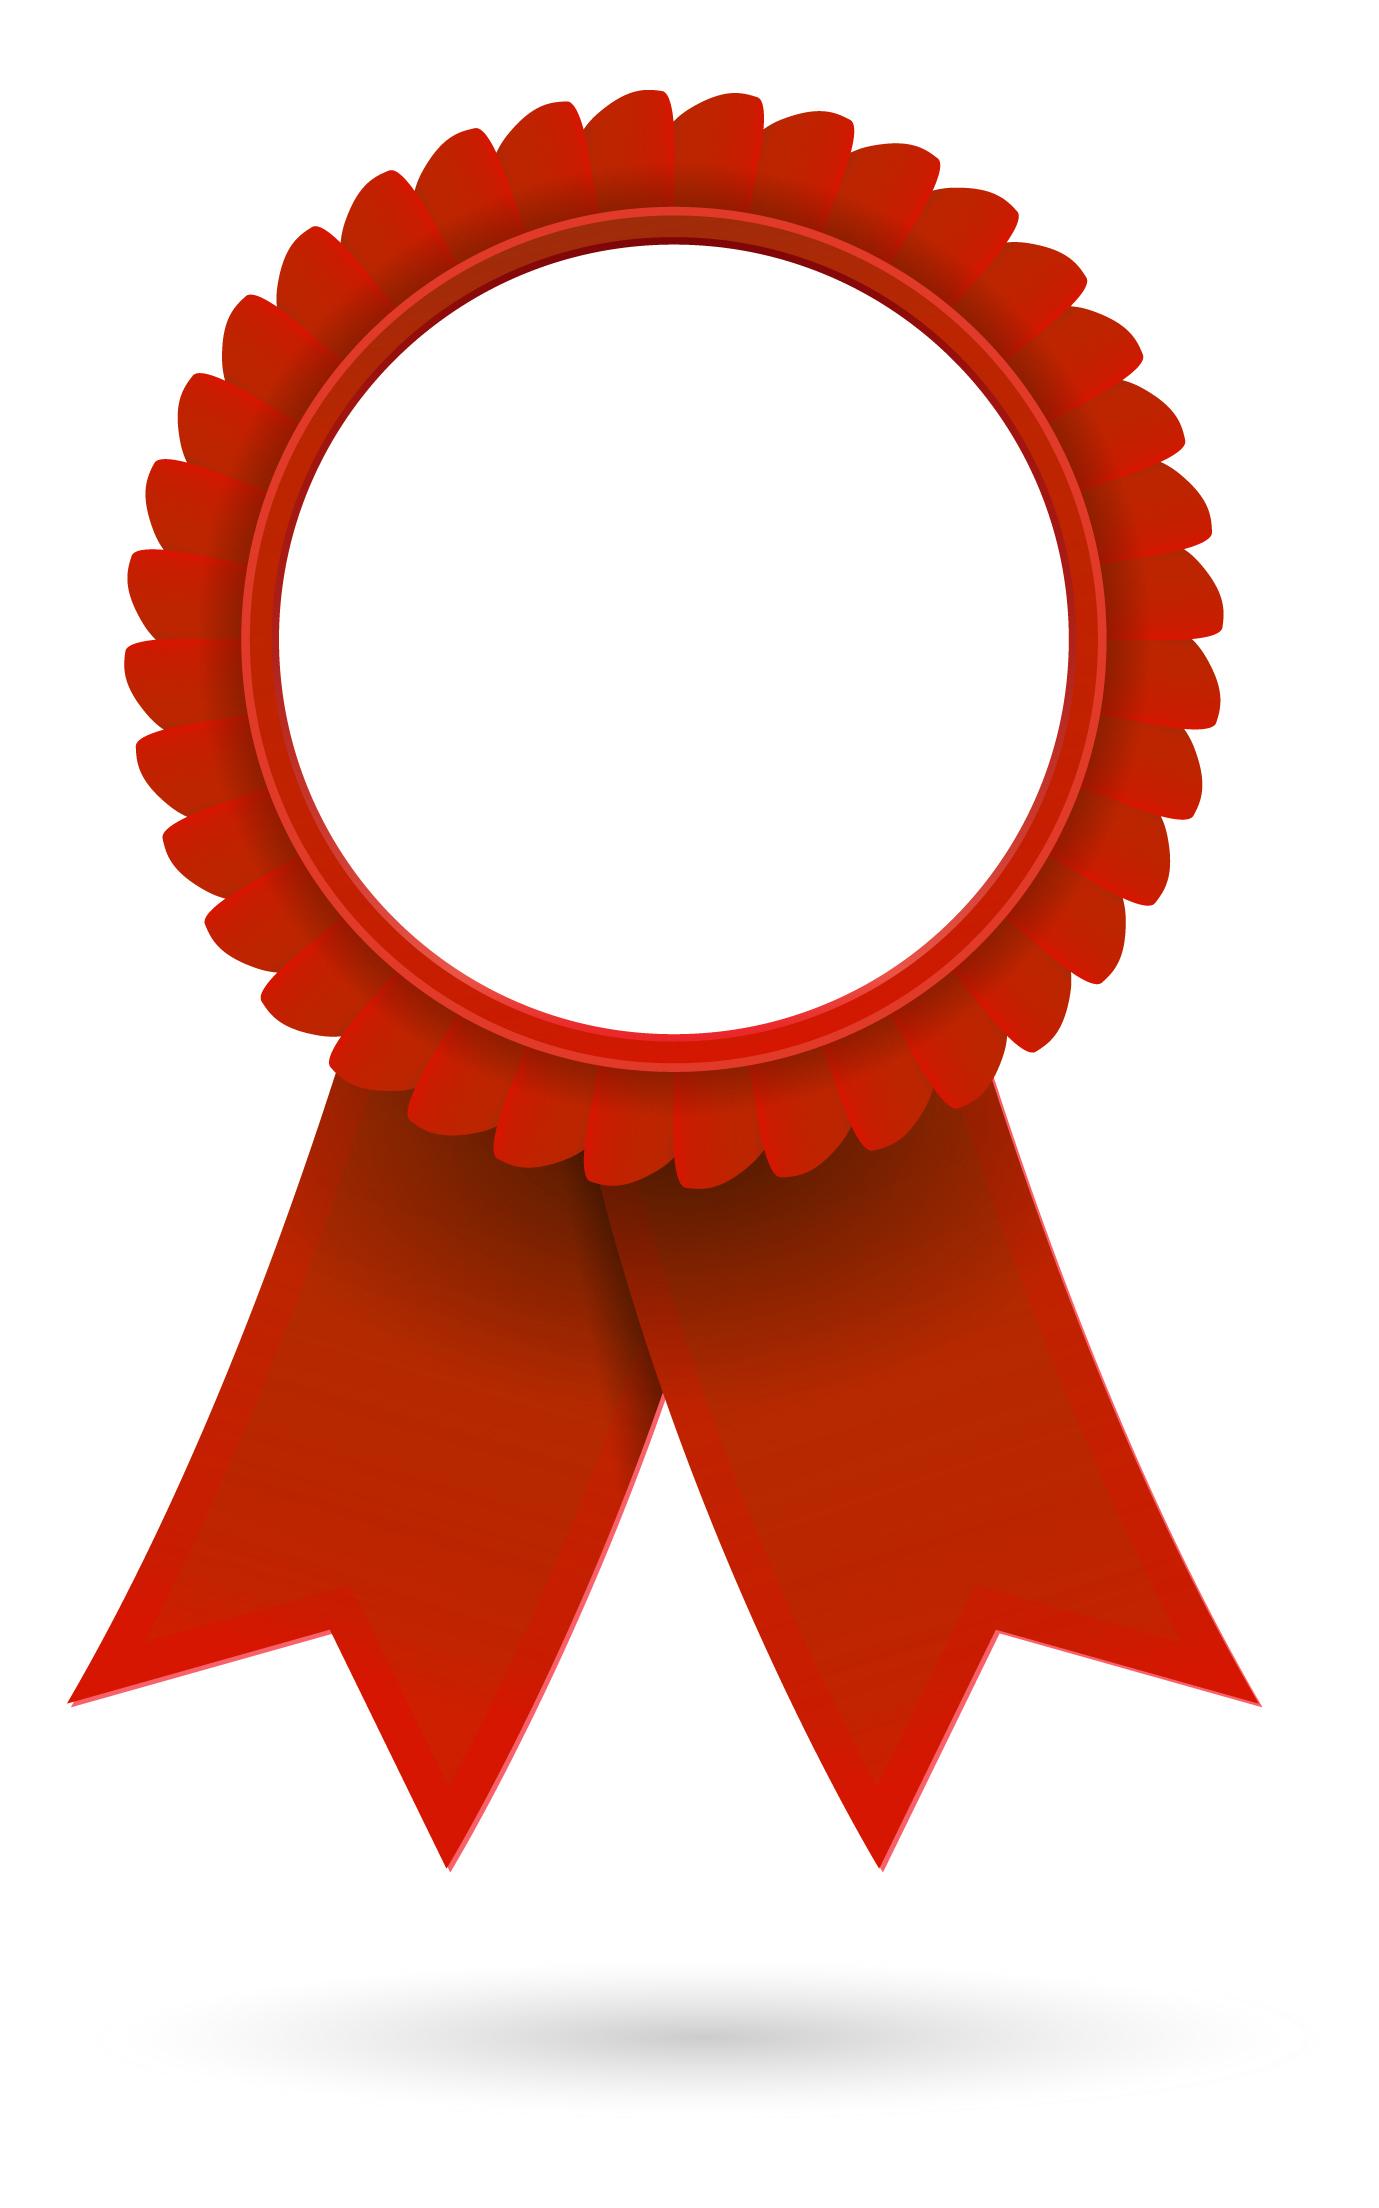 Award Ribbon Clipart & Award Ribbon Clip Art Images.